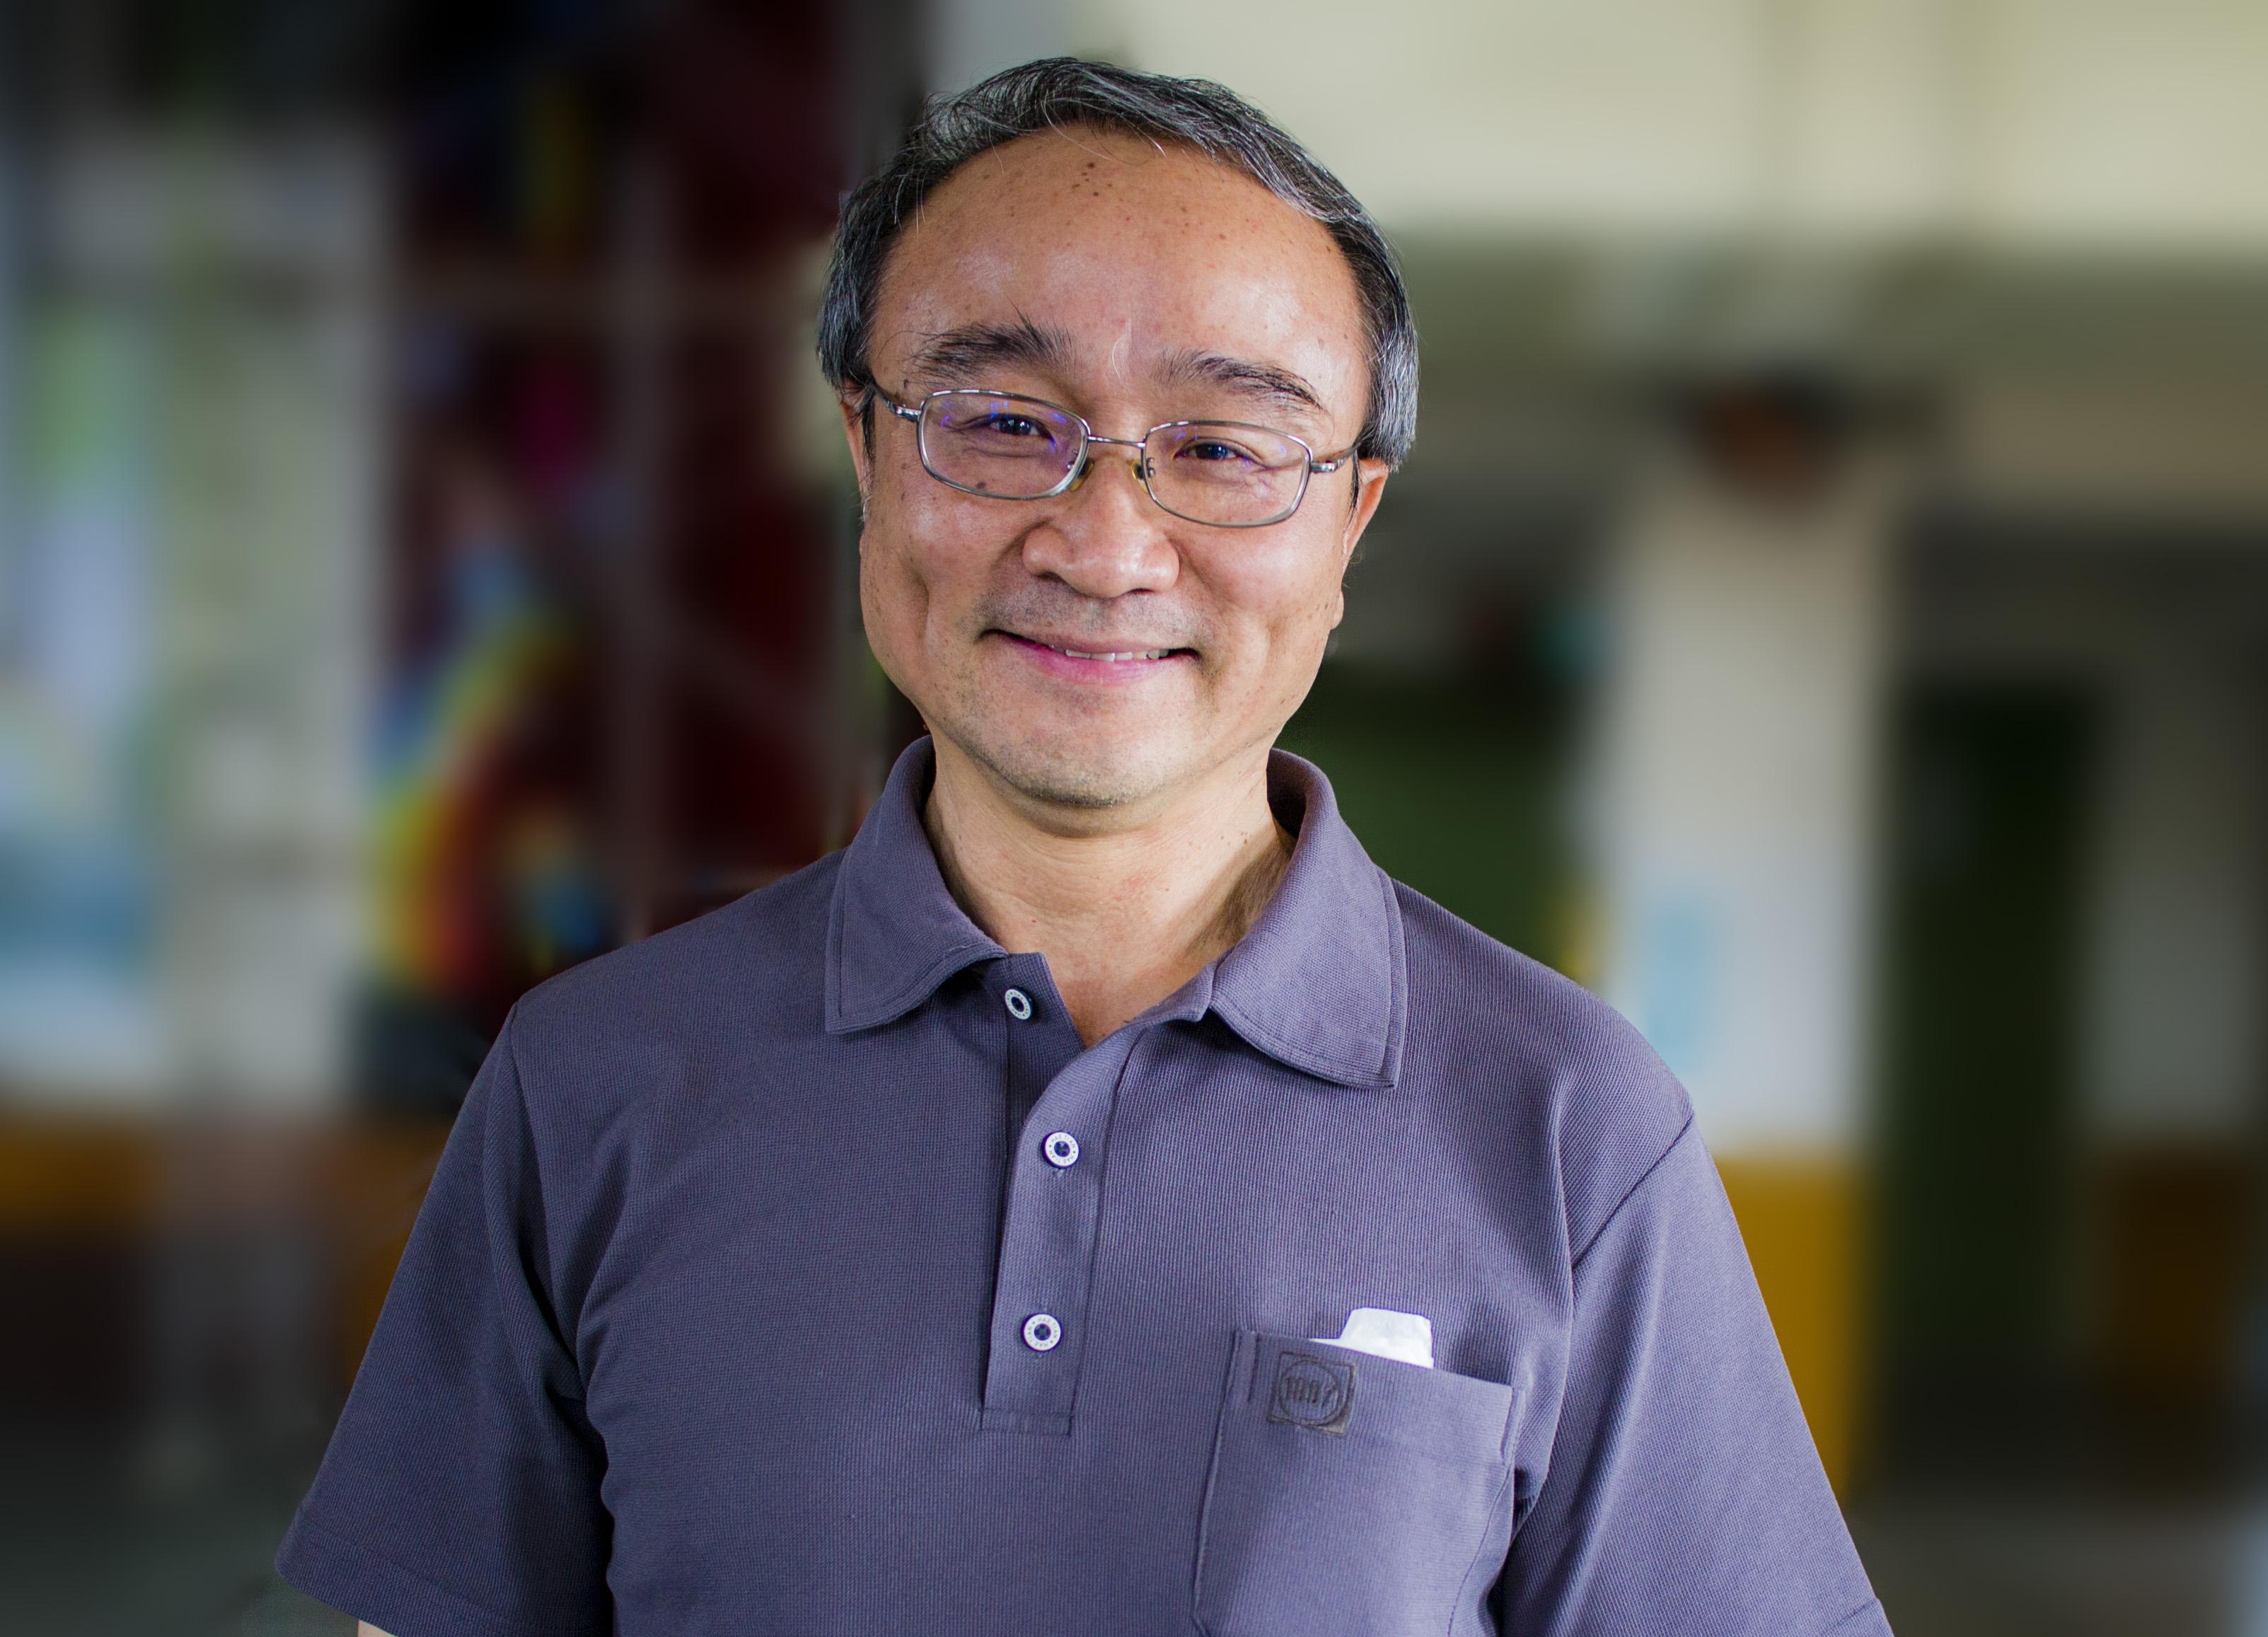 台灣中正大學企管系教授艾昌瑞,18年前在電視上看到舉世聞名的「四•二五萬人和平上訪」的新聞,感佩法輪功學員的優質表現而走入大法修煉。(明慧網)